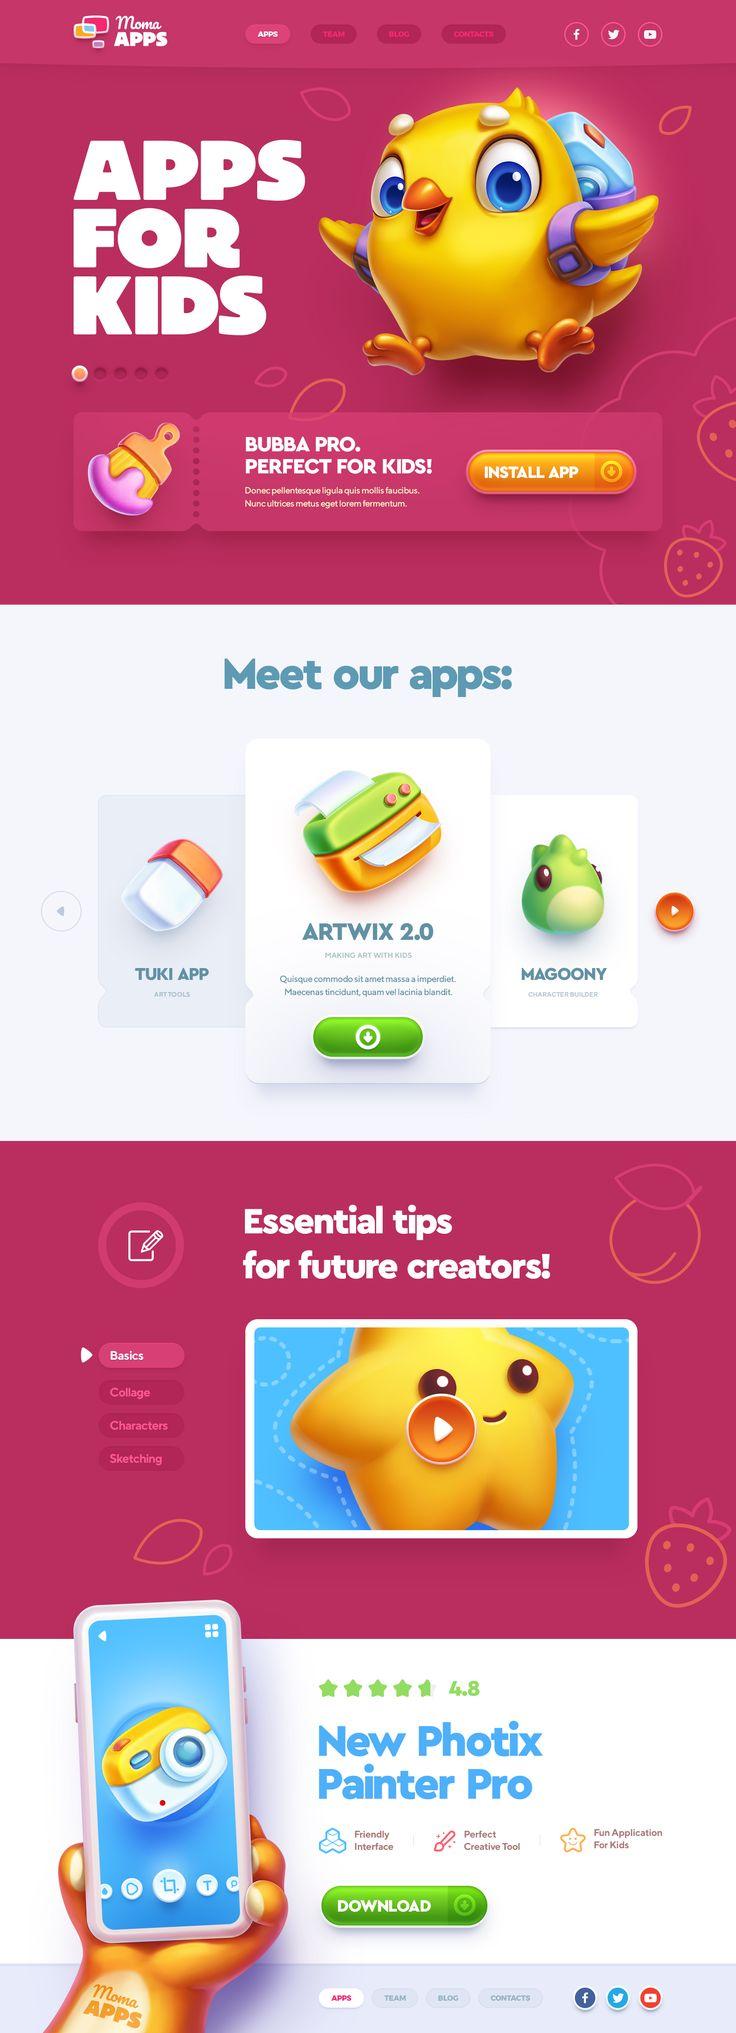 Apps for kids web site design